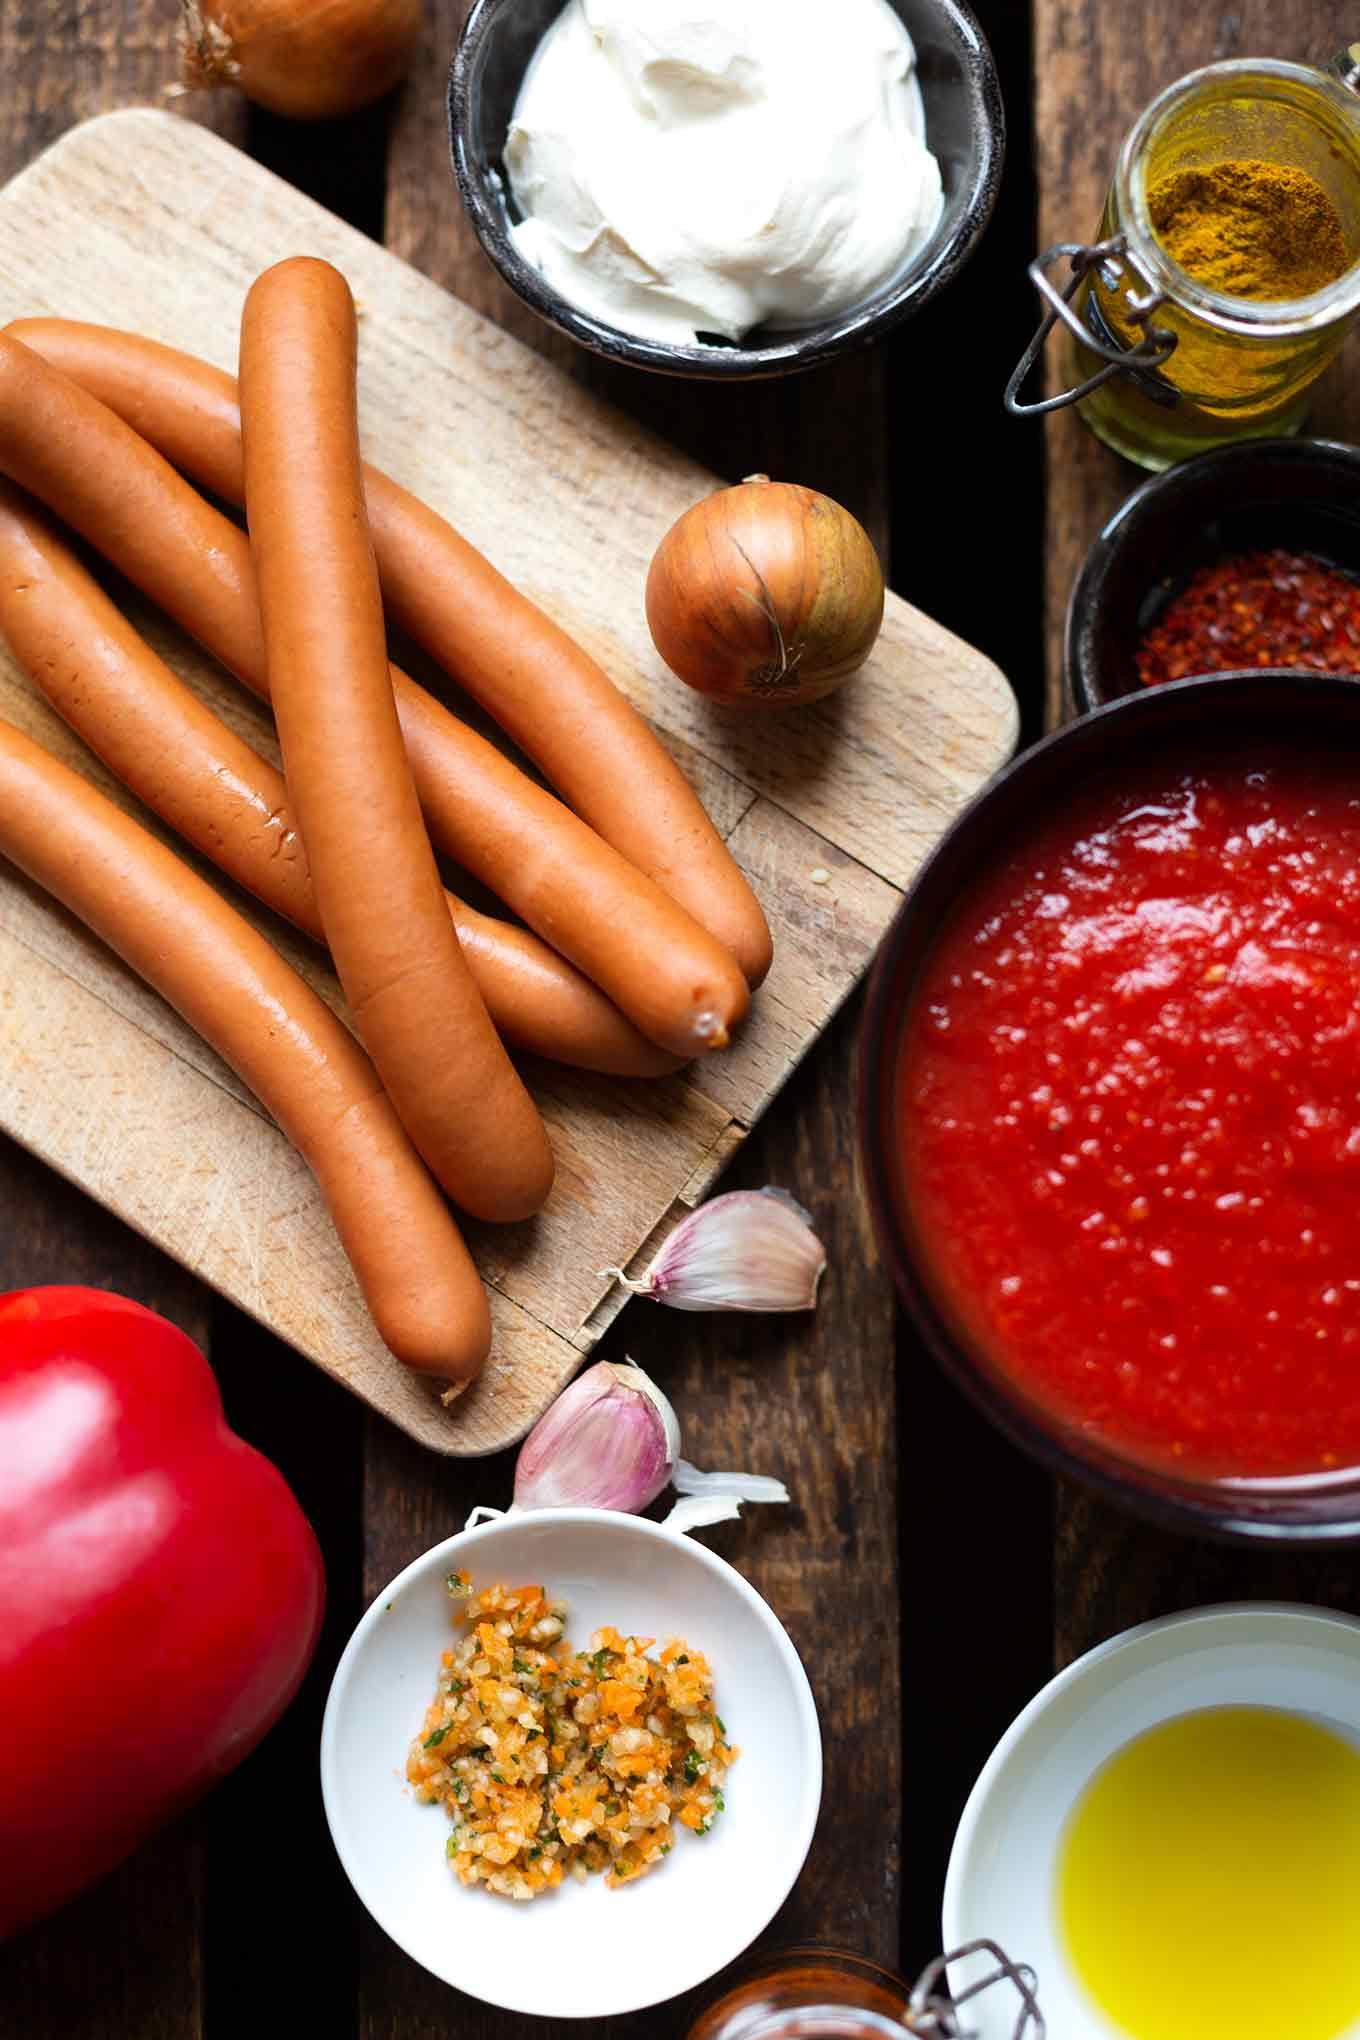 Wurstgulasch. Dieses schnelle und einfache Rezept mit Würstchen und Paprika ist SO gut! - Kochkarussell.com #wurstgulasch #abendessen #feierabendküche #kochkarussell